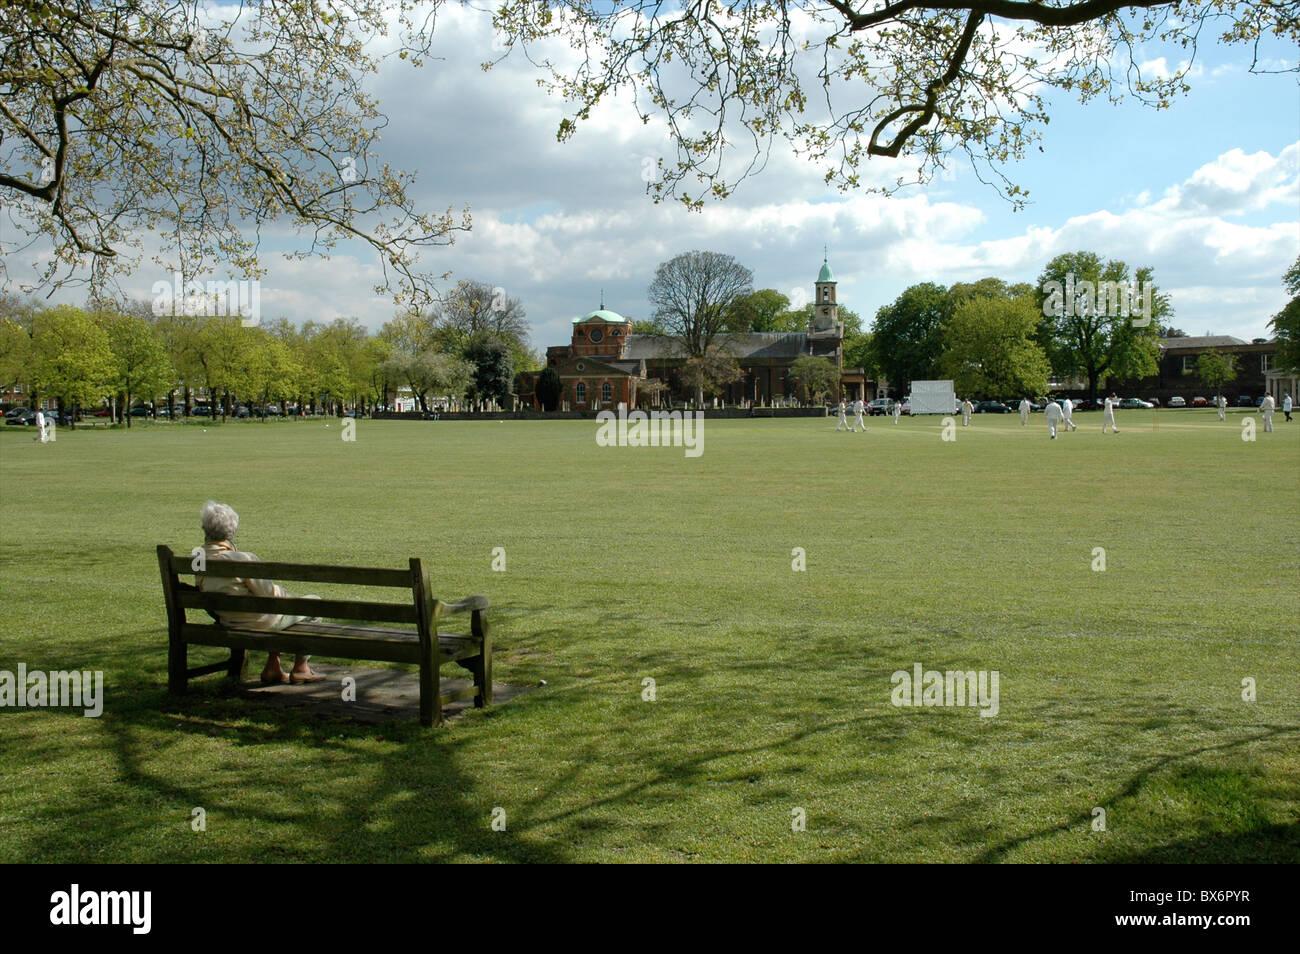 Lady watching cricket match, Kew, West London, England, UK Stock Photo